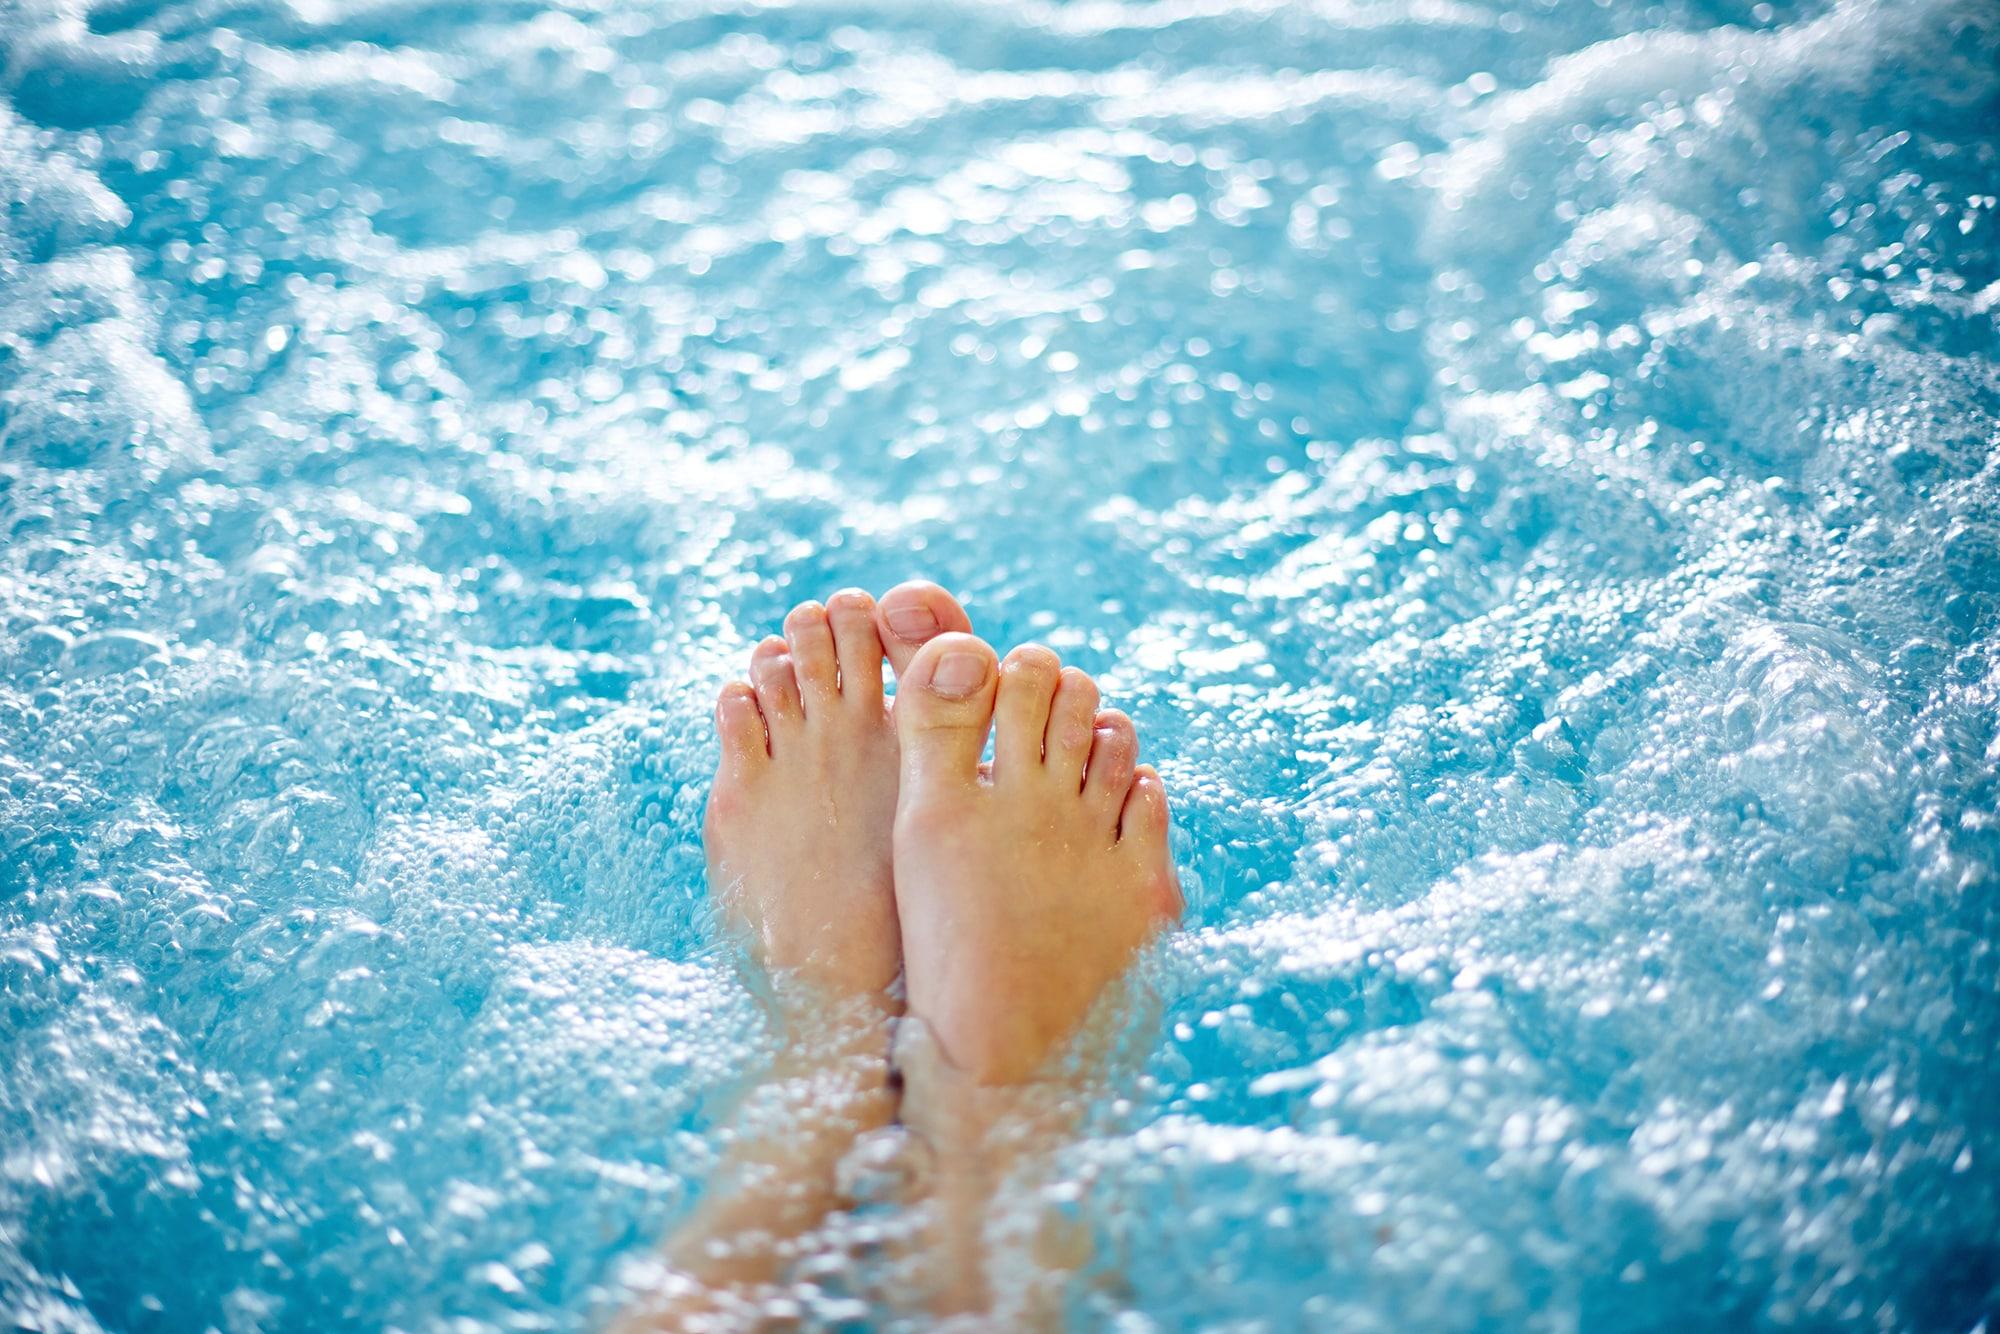 hot tub rash